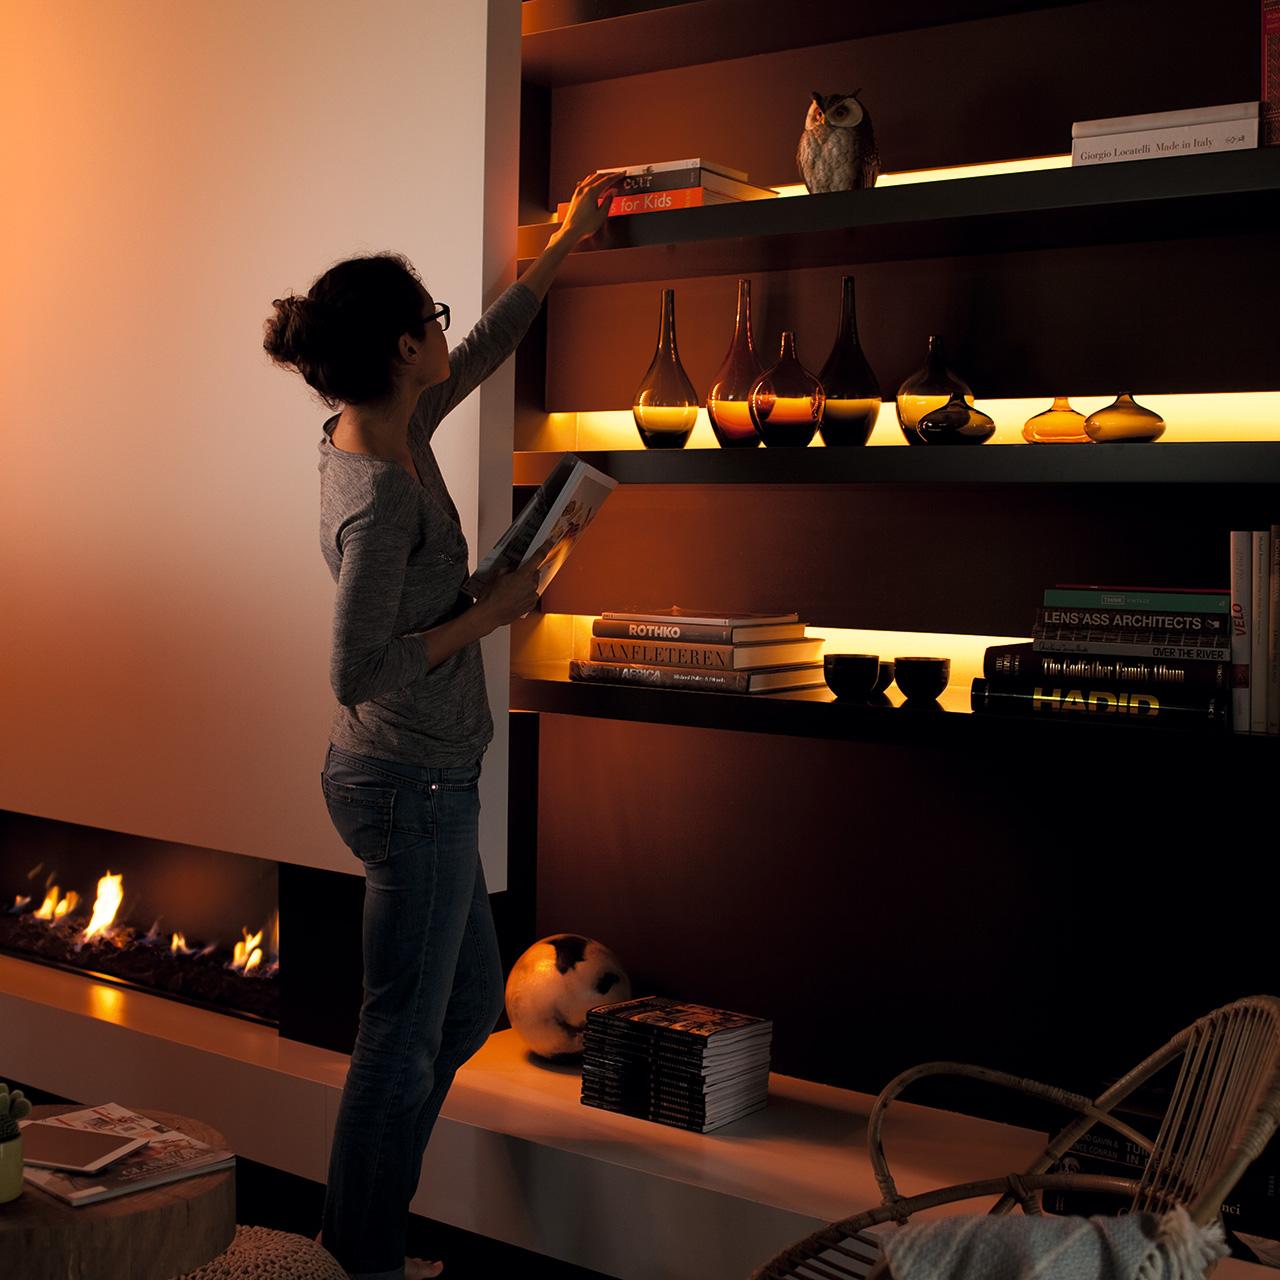 【無料サンプリング】寒い冬の夜にはスマートな明かりを♡「Hueシリーズ」を使いたいユーザーさん募集!